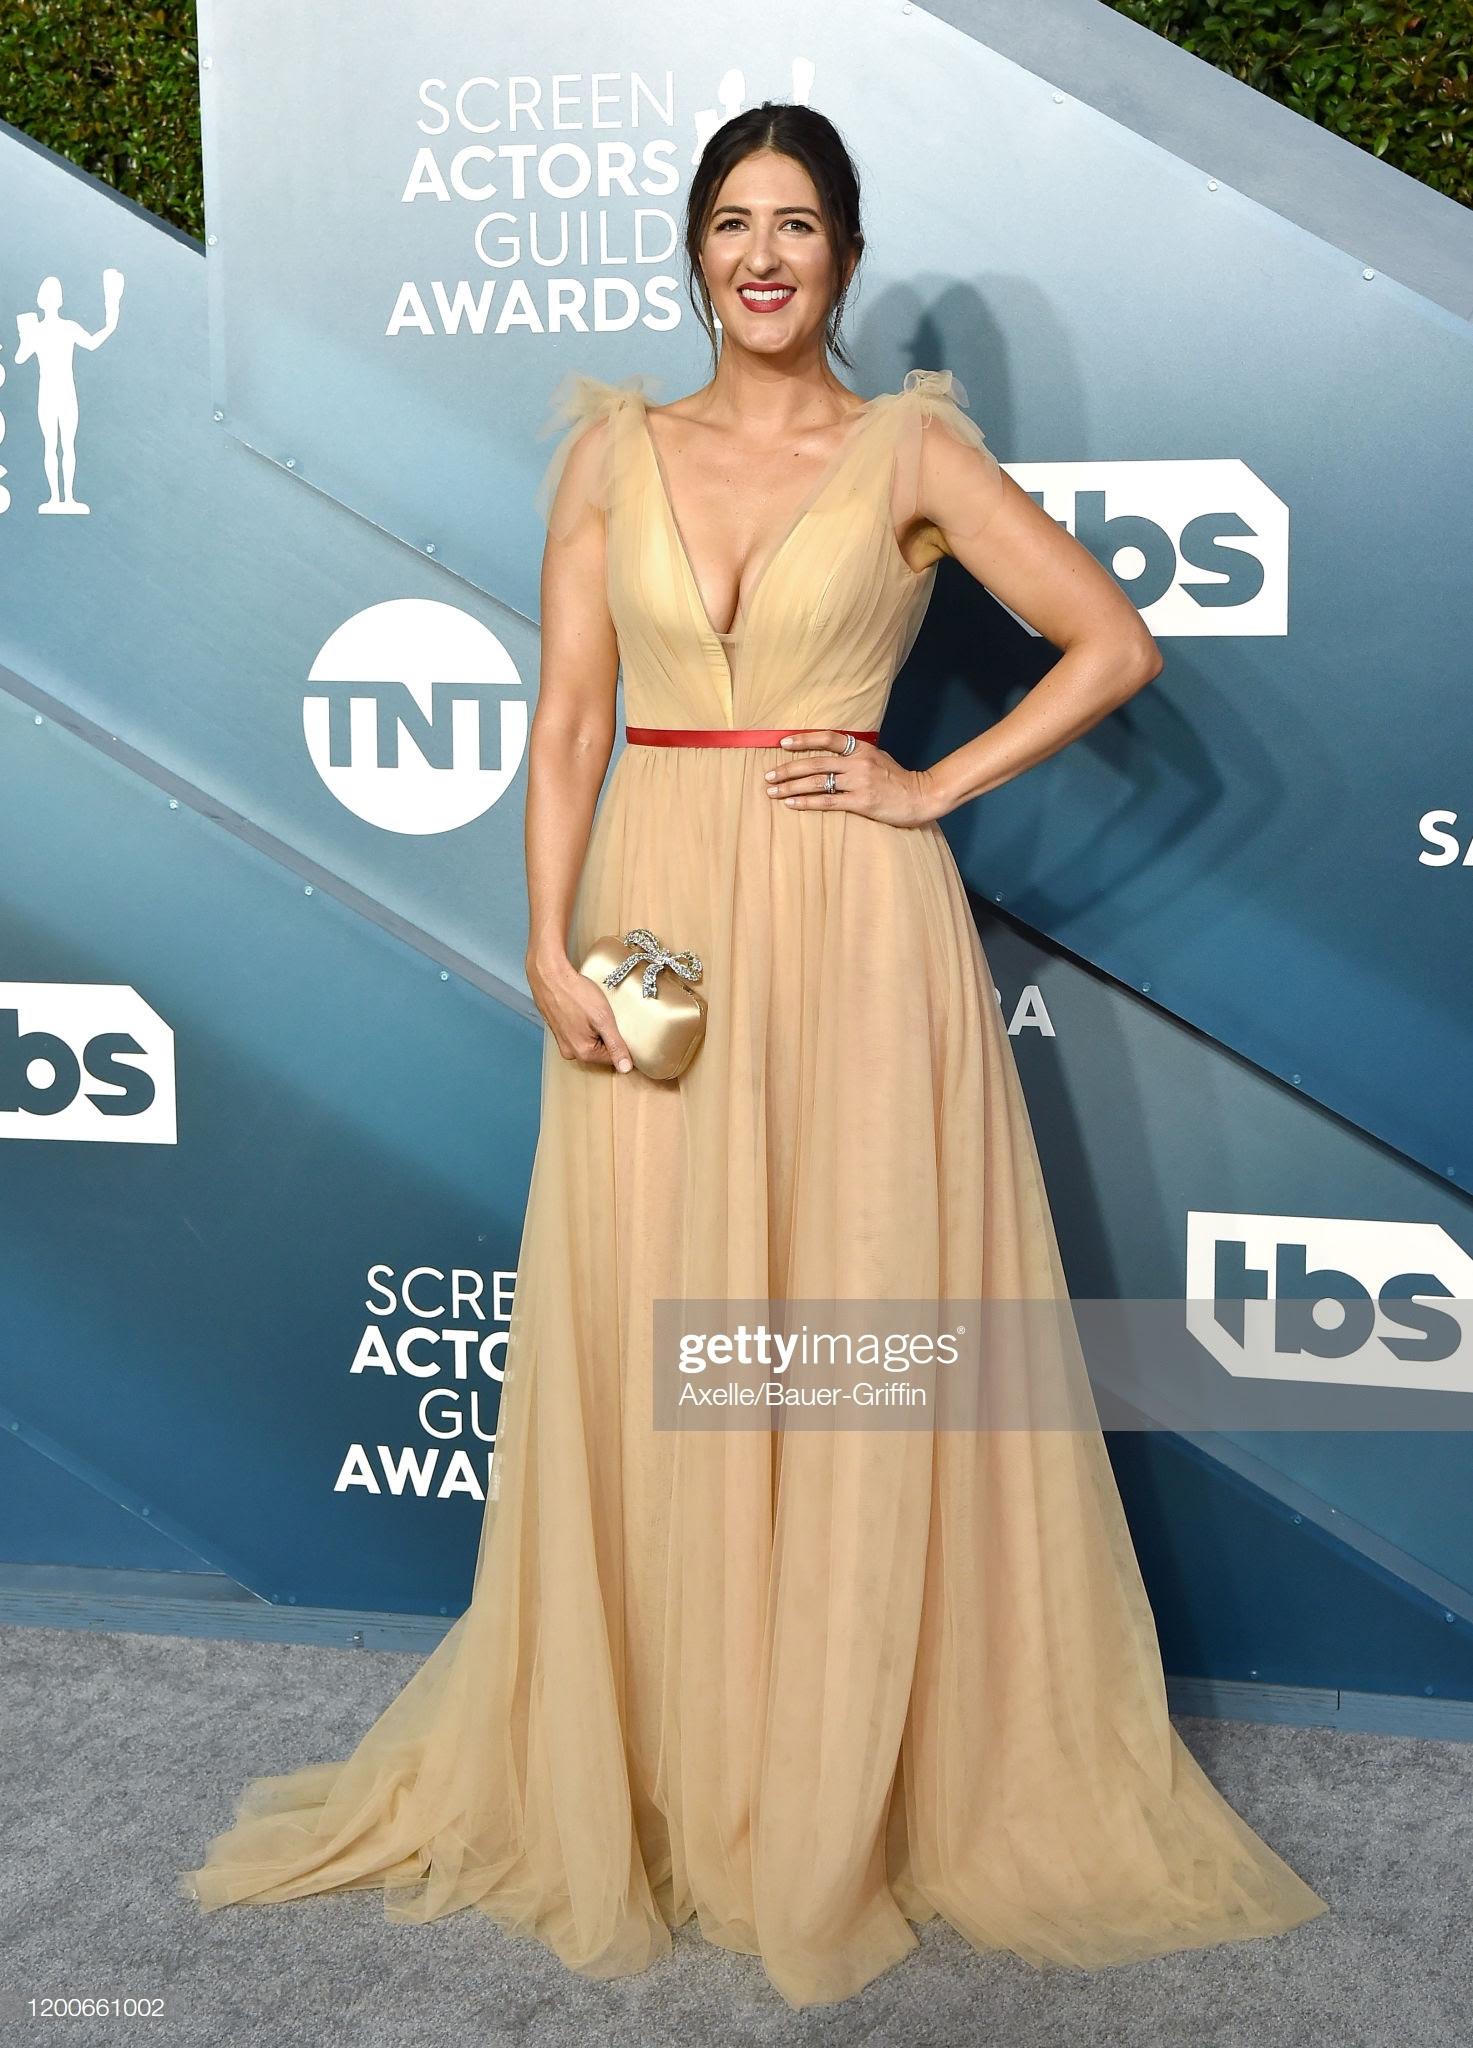 """c05ee7b7 25d9 4341 b4f1 43507437bcd3 - Screen Actors Guild Awards"""" 2020: Scarlett Johansson y Leonardo Dicaprio entre las celebrities que lucieron Jimmy Choo"""